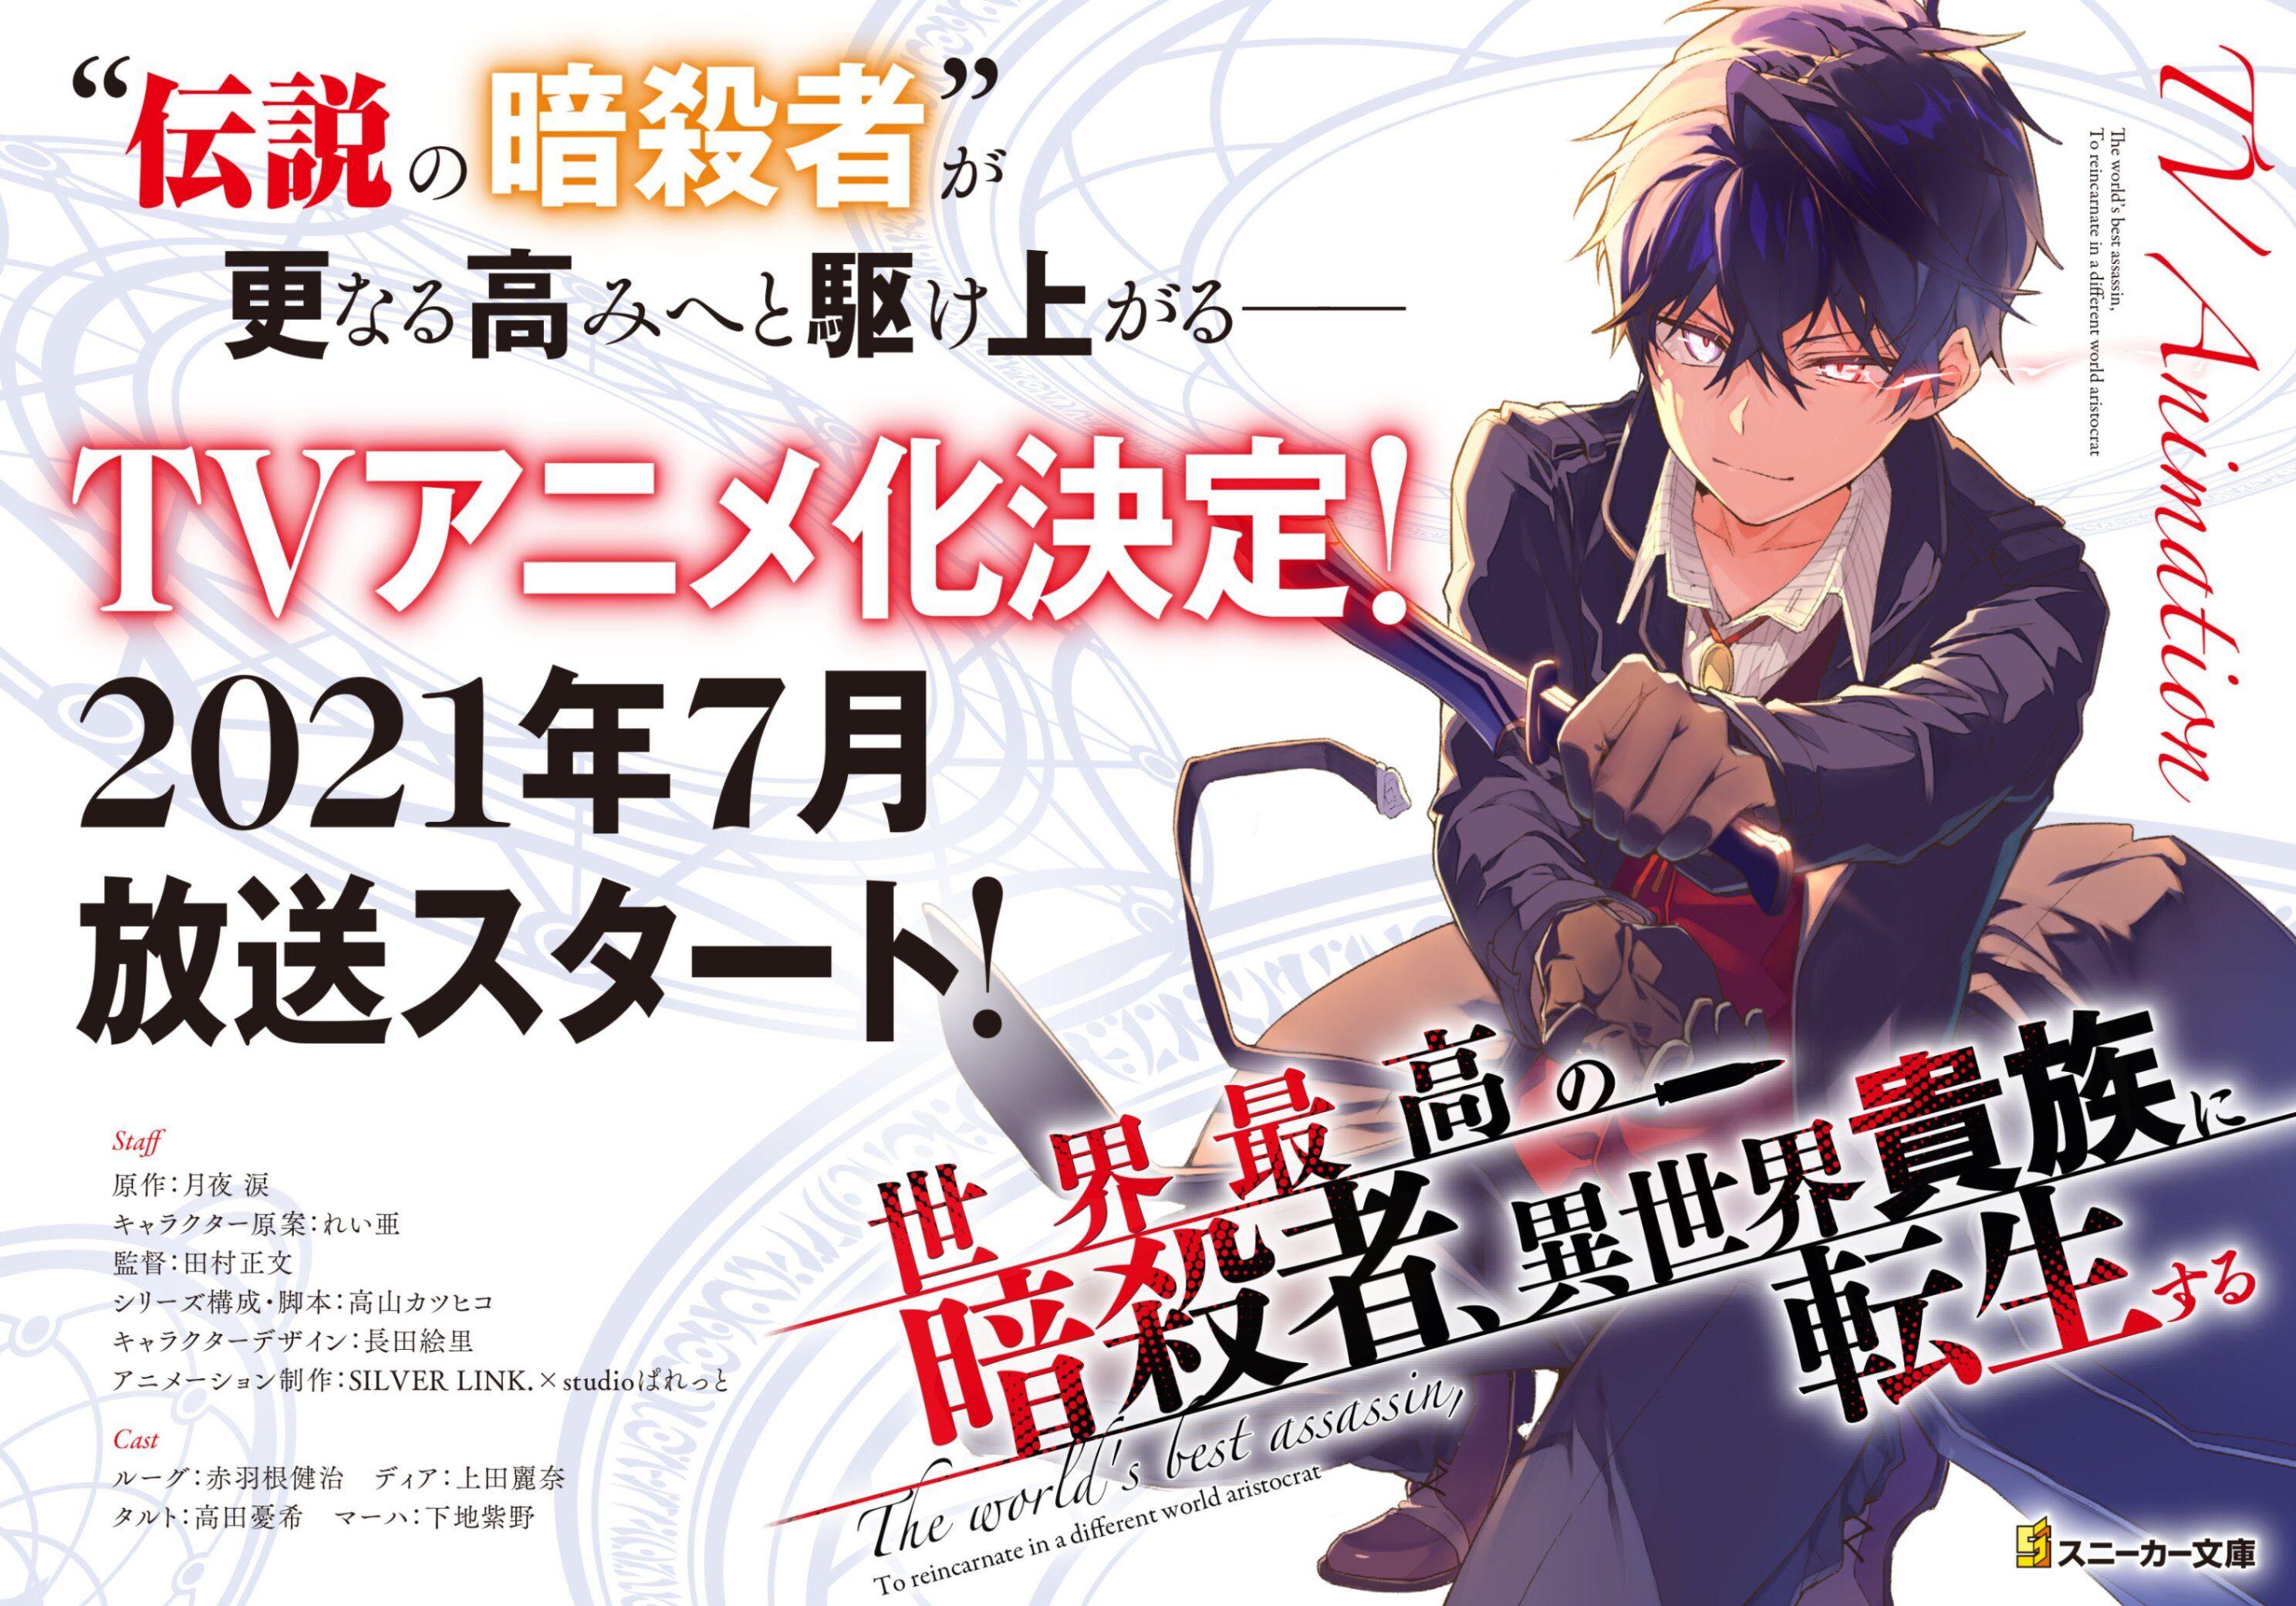 Anime Banner.jpg